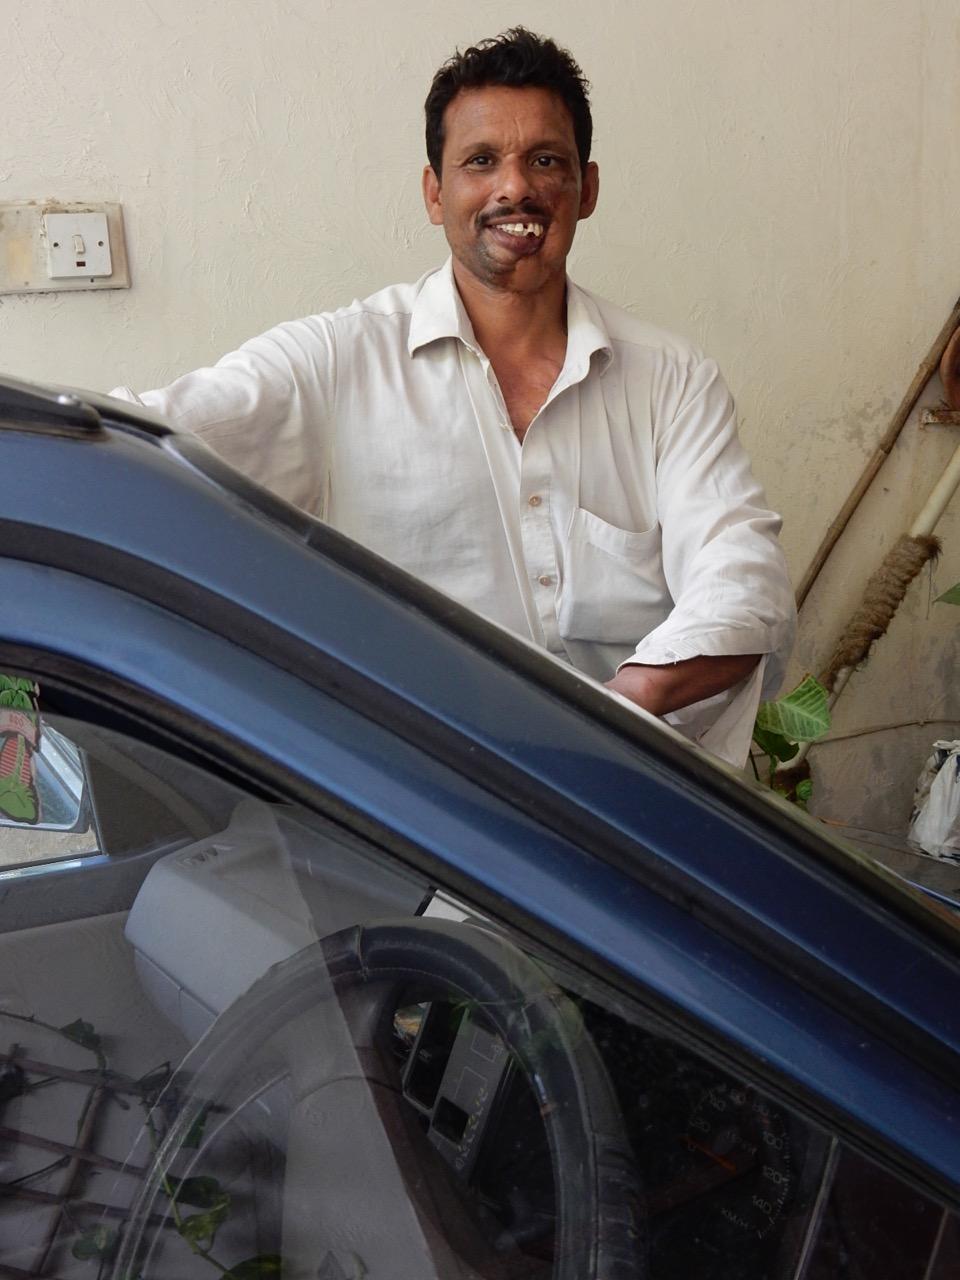 こちらも住宅地の清掃をする作業人。ヌザットさんが手作り料理をもてなしたので、お礼に彼女の車を拭いてくれている。持ちつもたれつ。